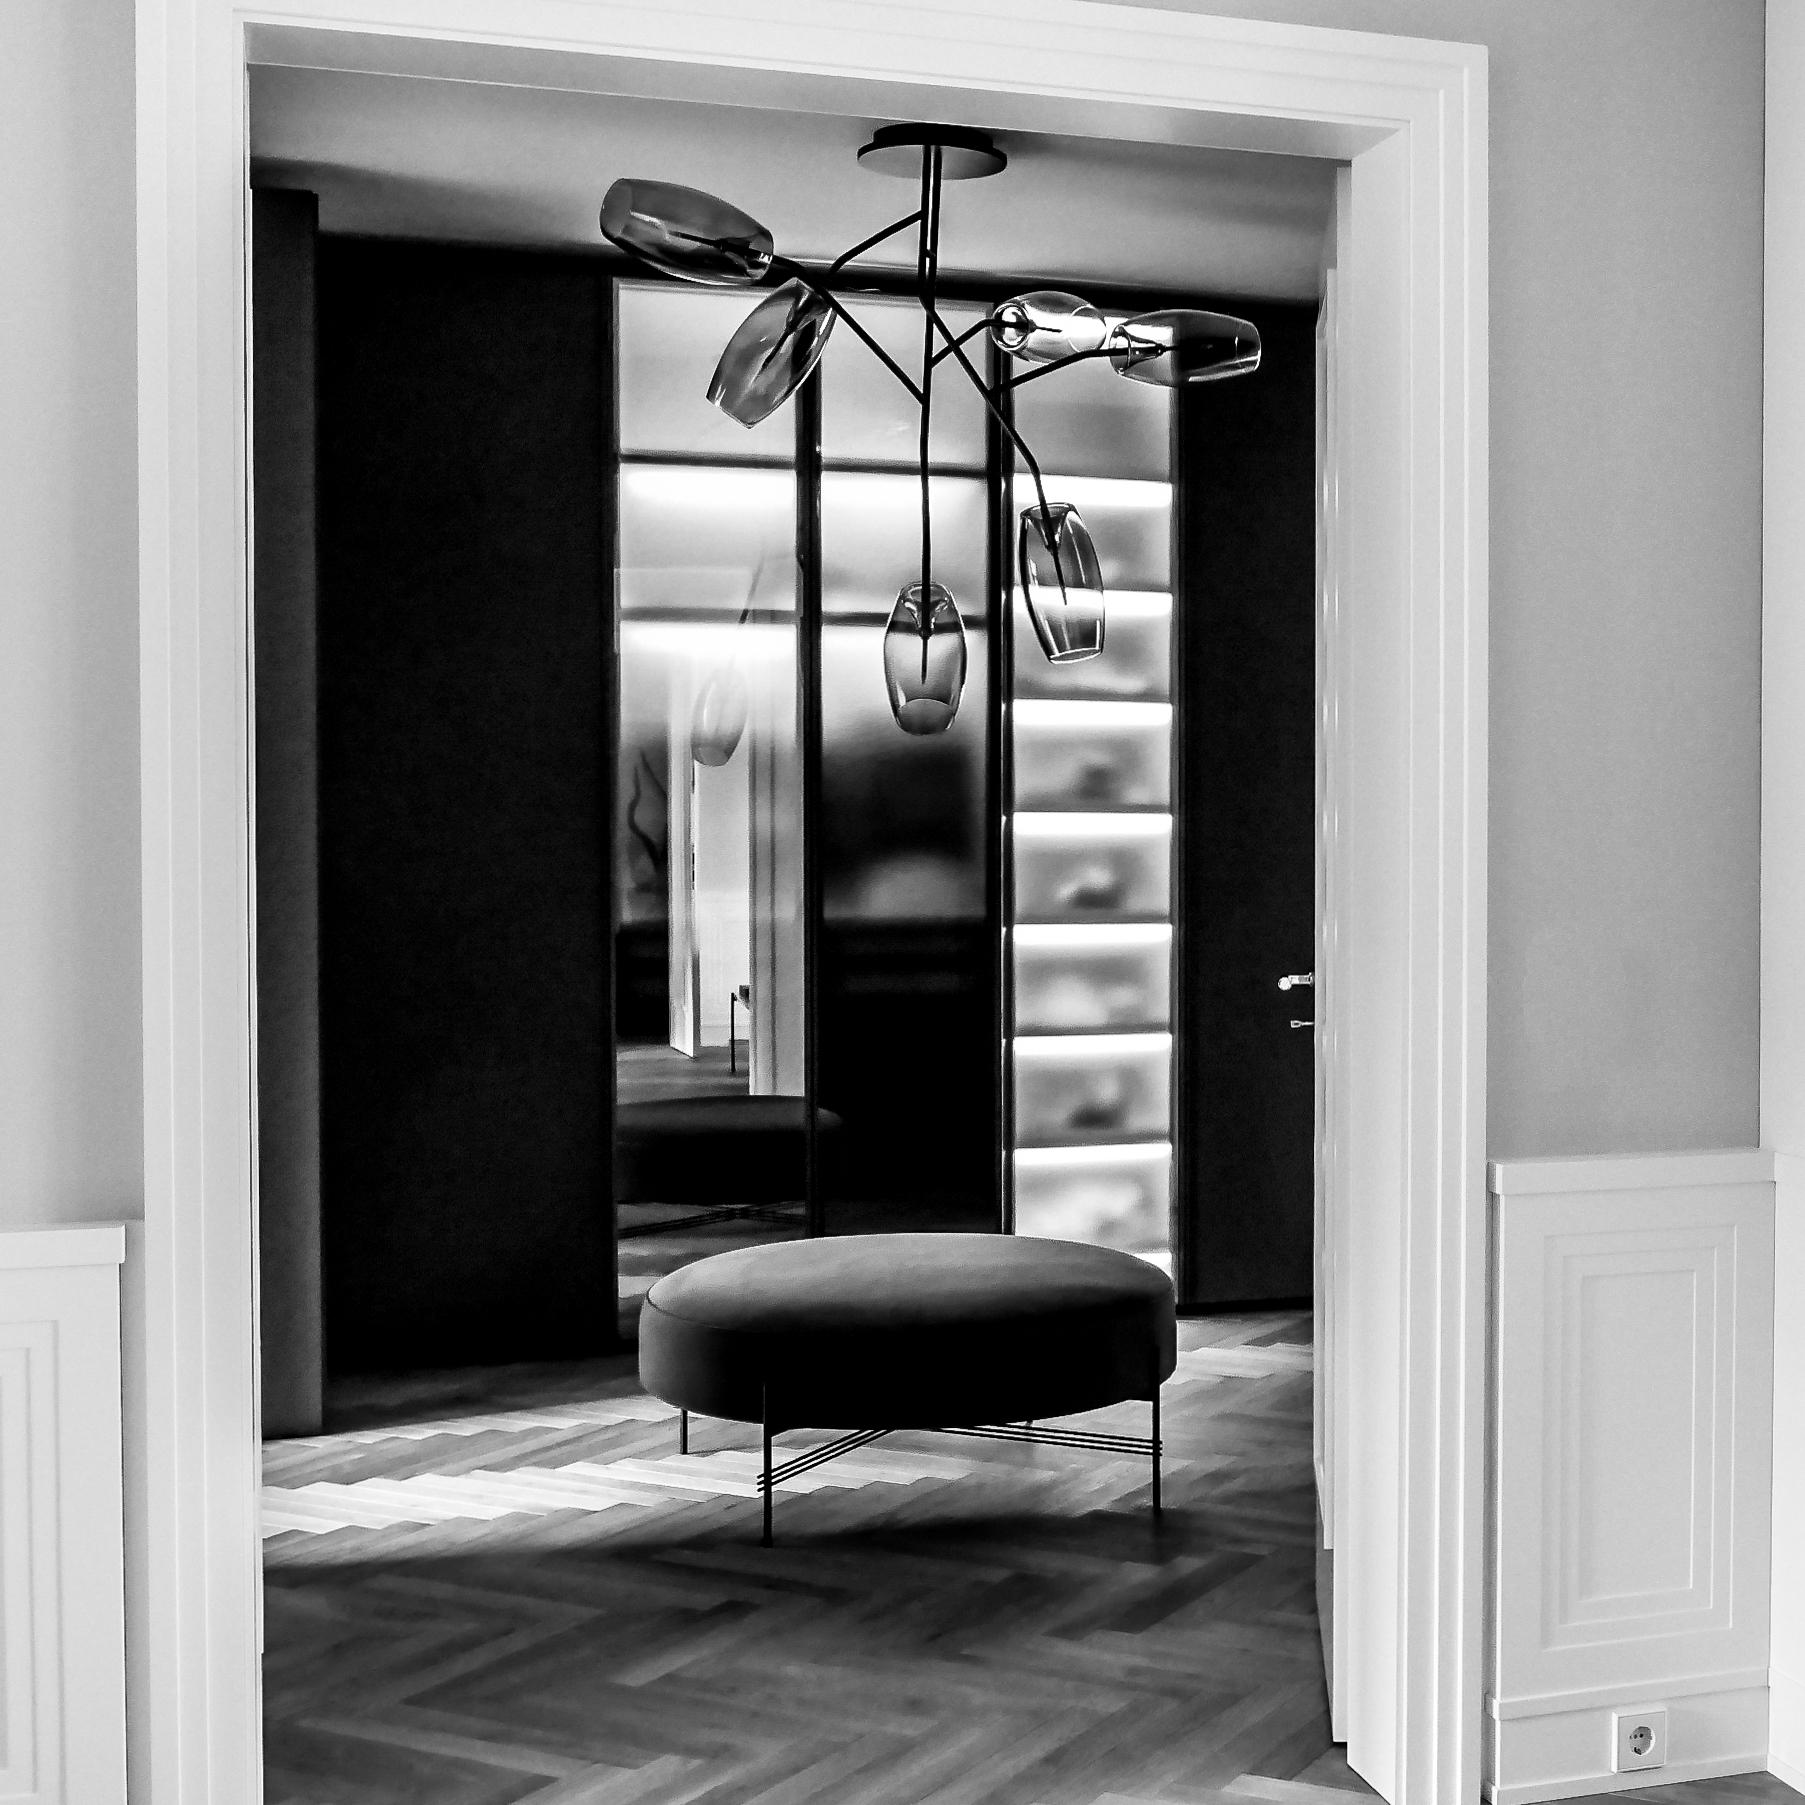 Apartment / München 2019 -